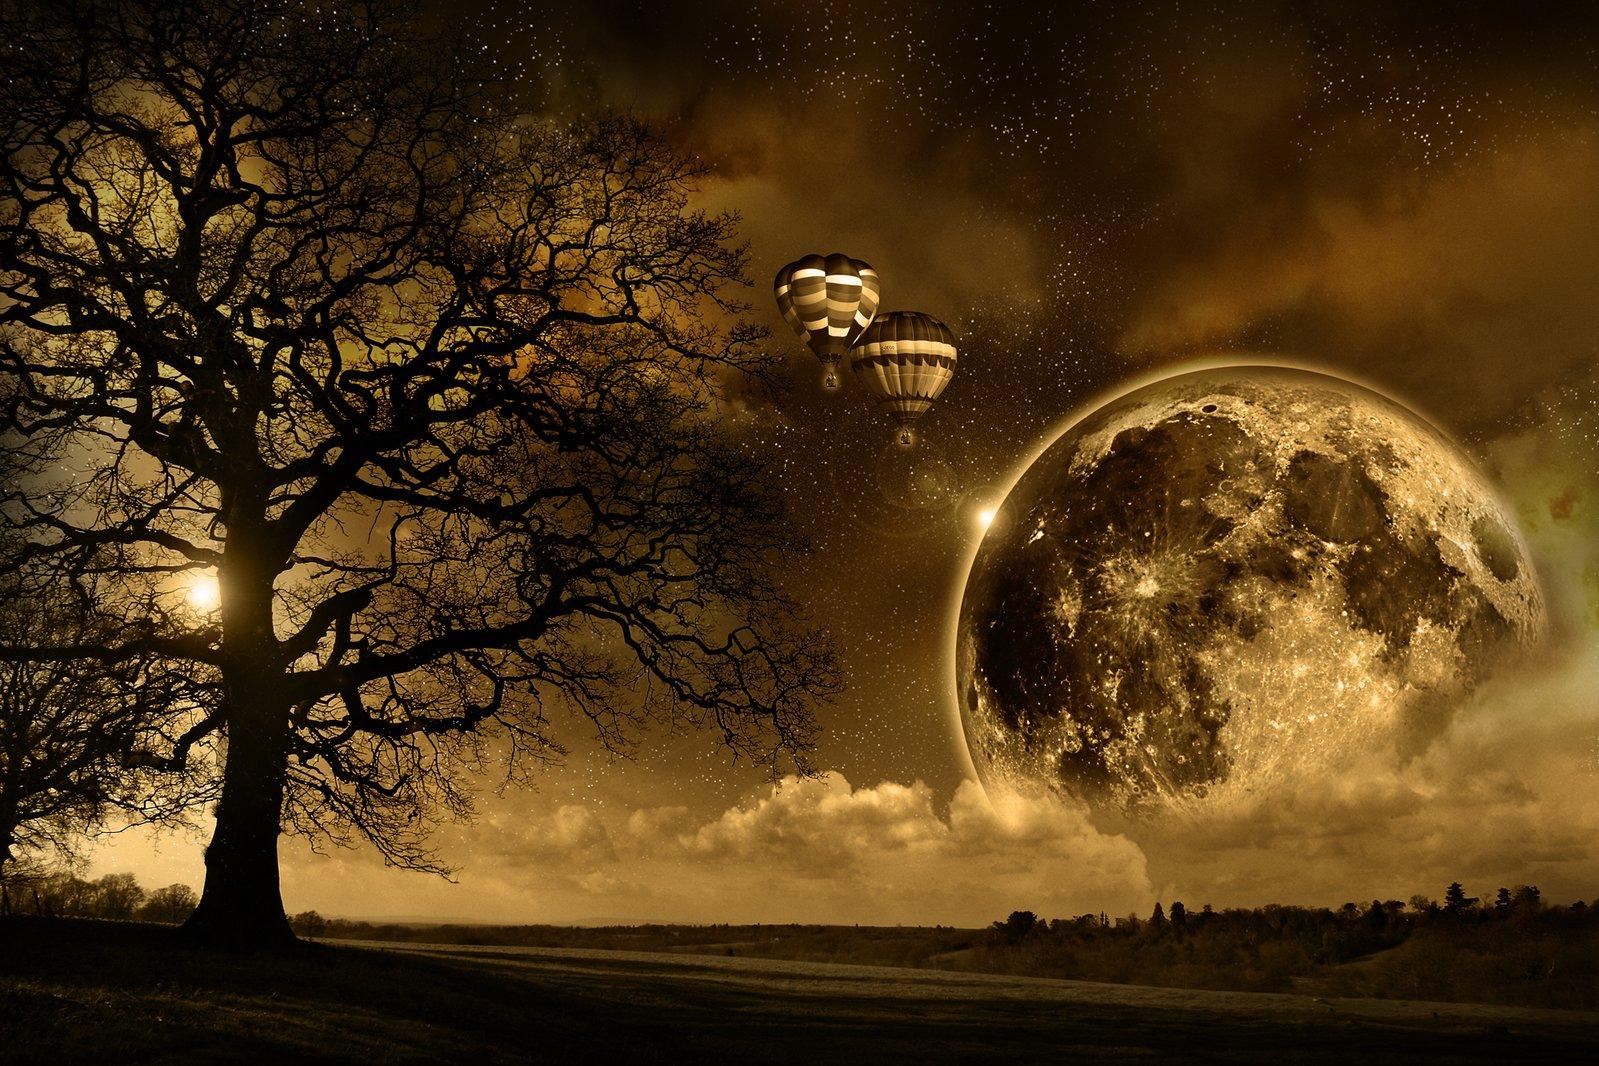 Suurmõtlejate inspireerivad tsitaadid! Marcus Aurelius: ainult suured unistused suudavad liigutada inimese hinge